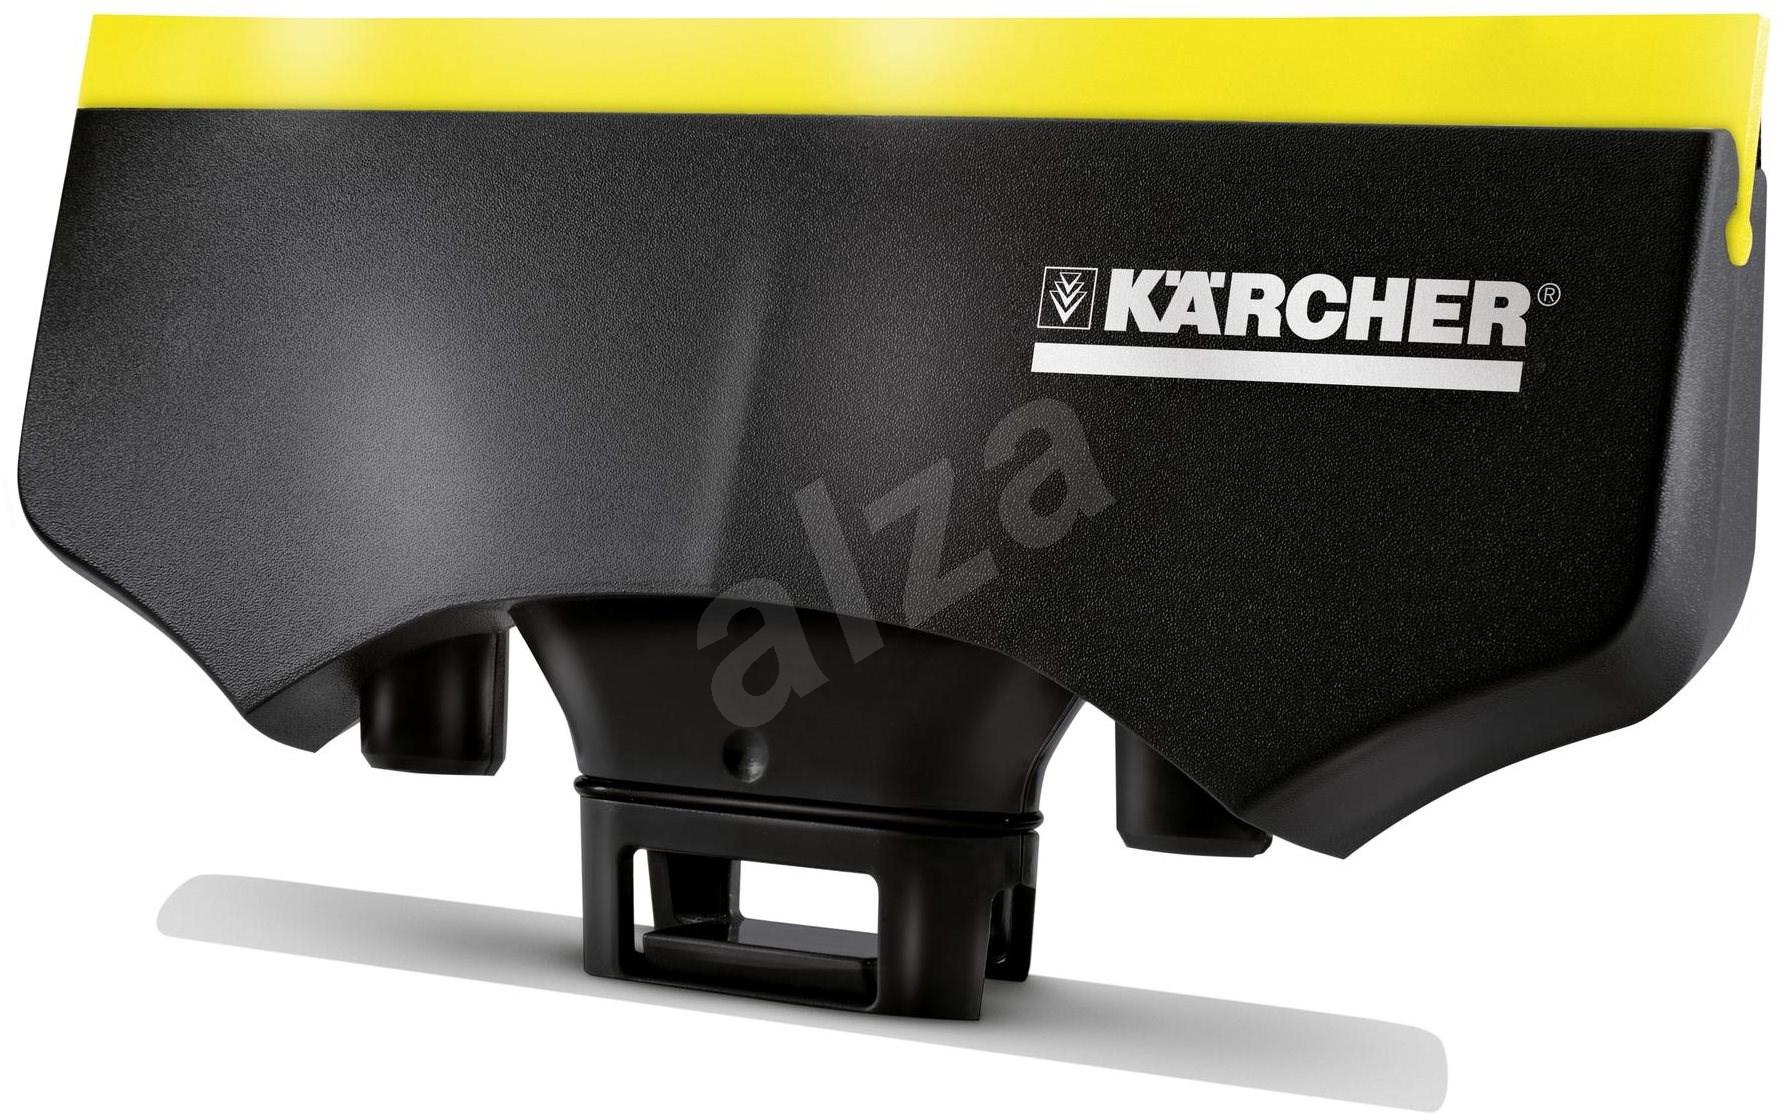 fensterreiniger k rcher wv 2 premium 10 jahres edition fenster staubsauger. Black Bedroom Furniture Sets. Home Design Ideas